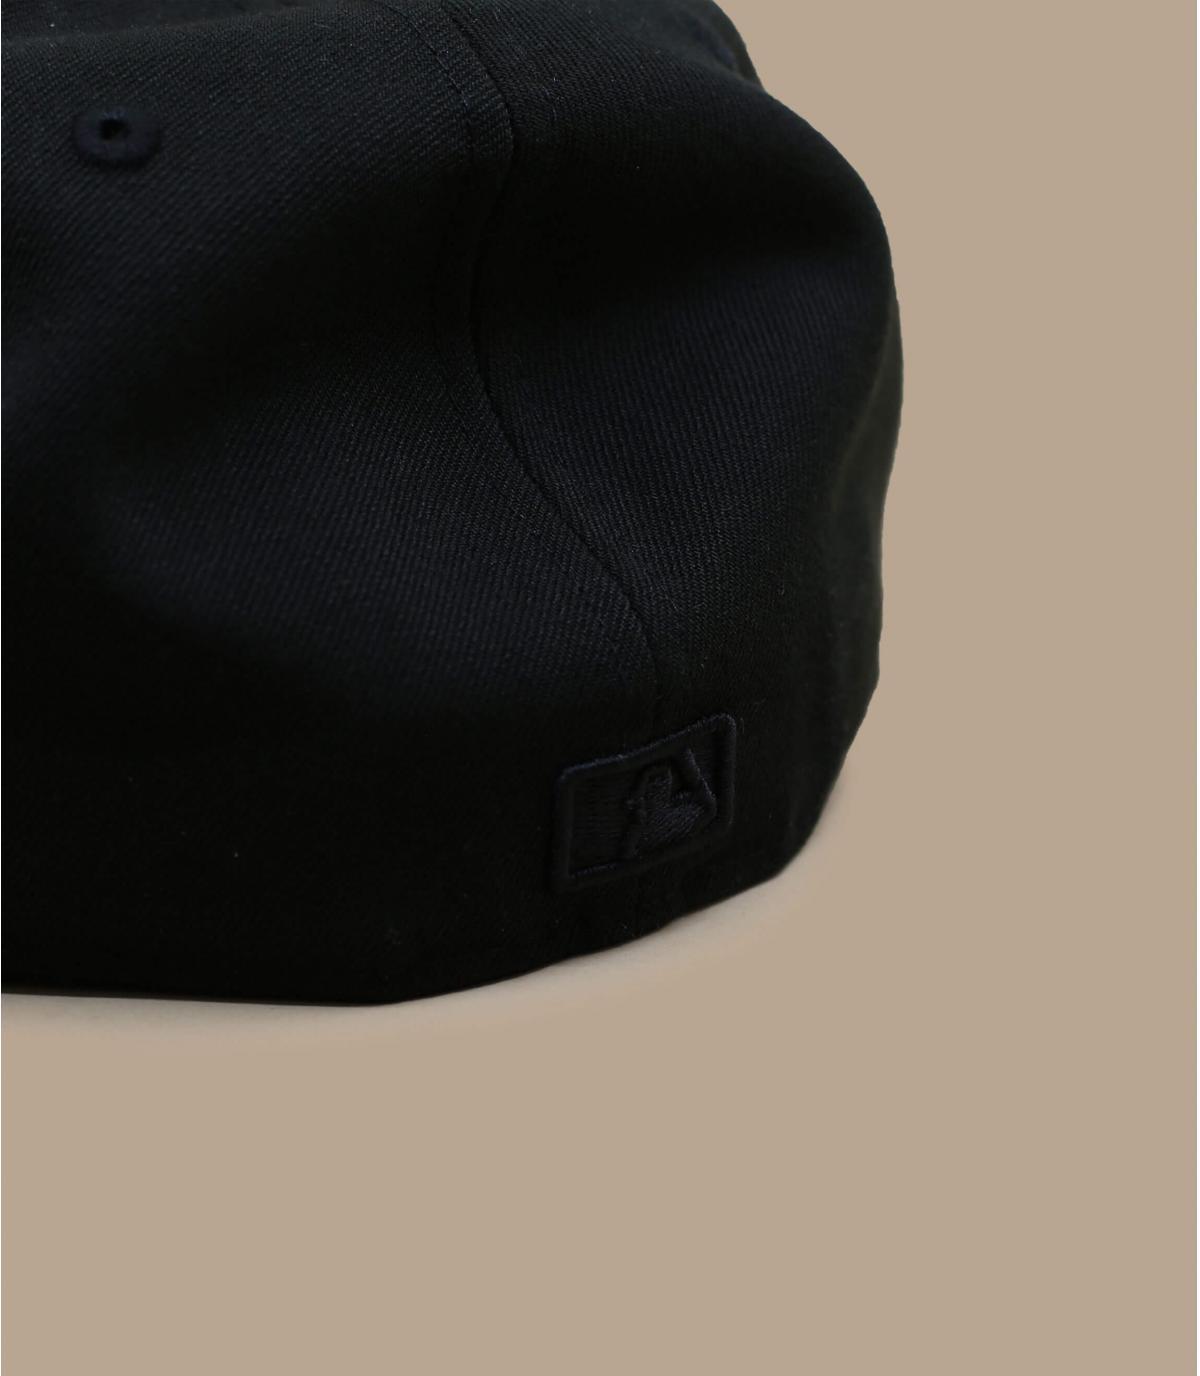 Détails Casquette NY 59fifty noir noir - image 4